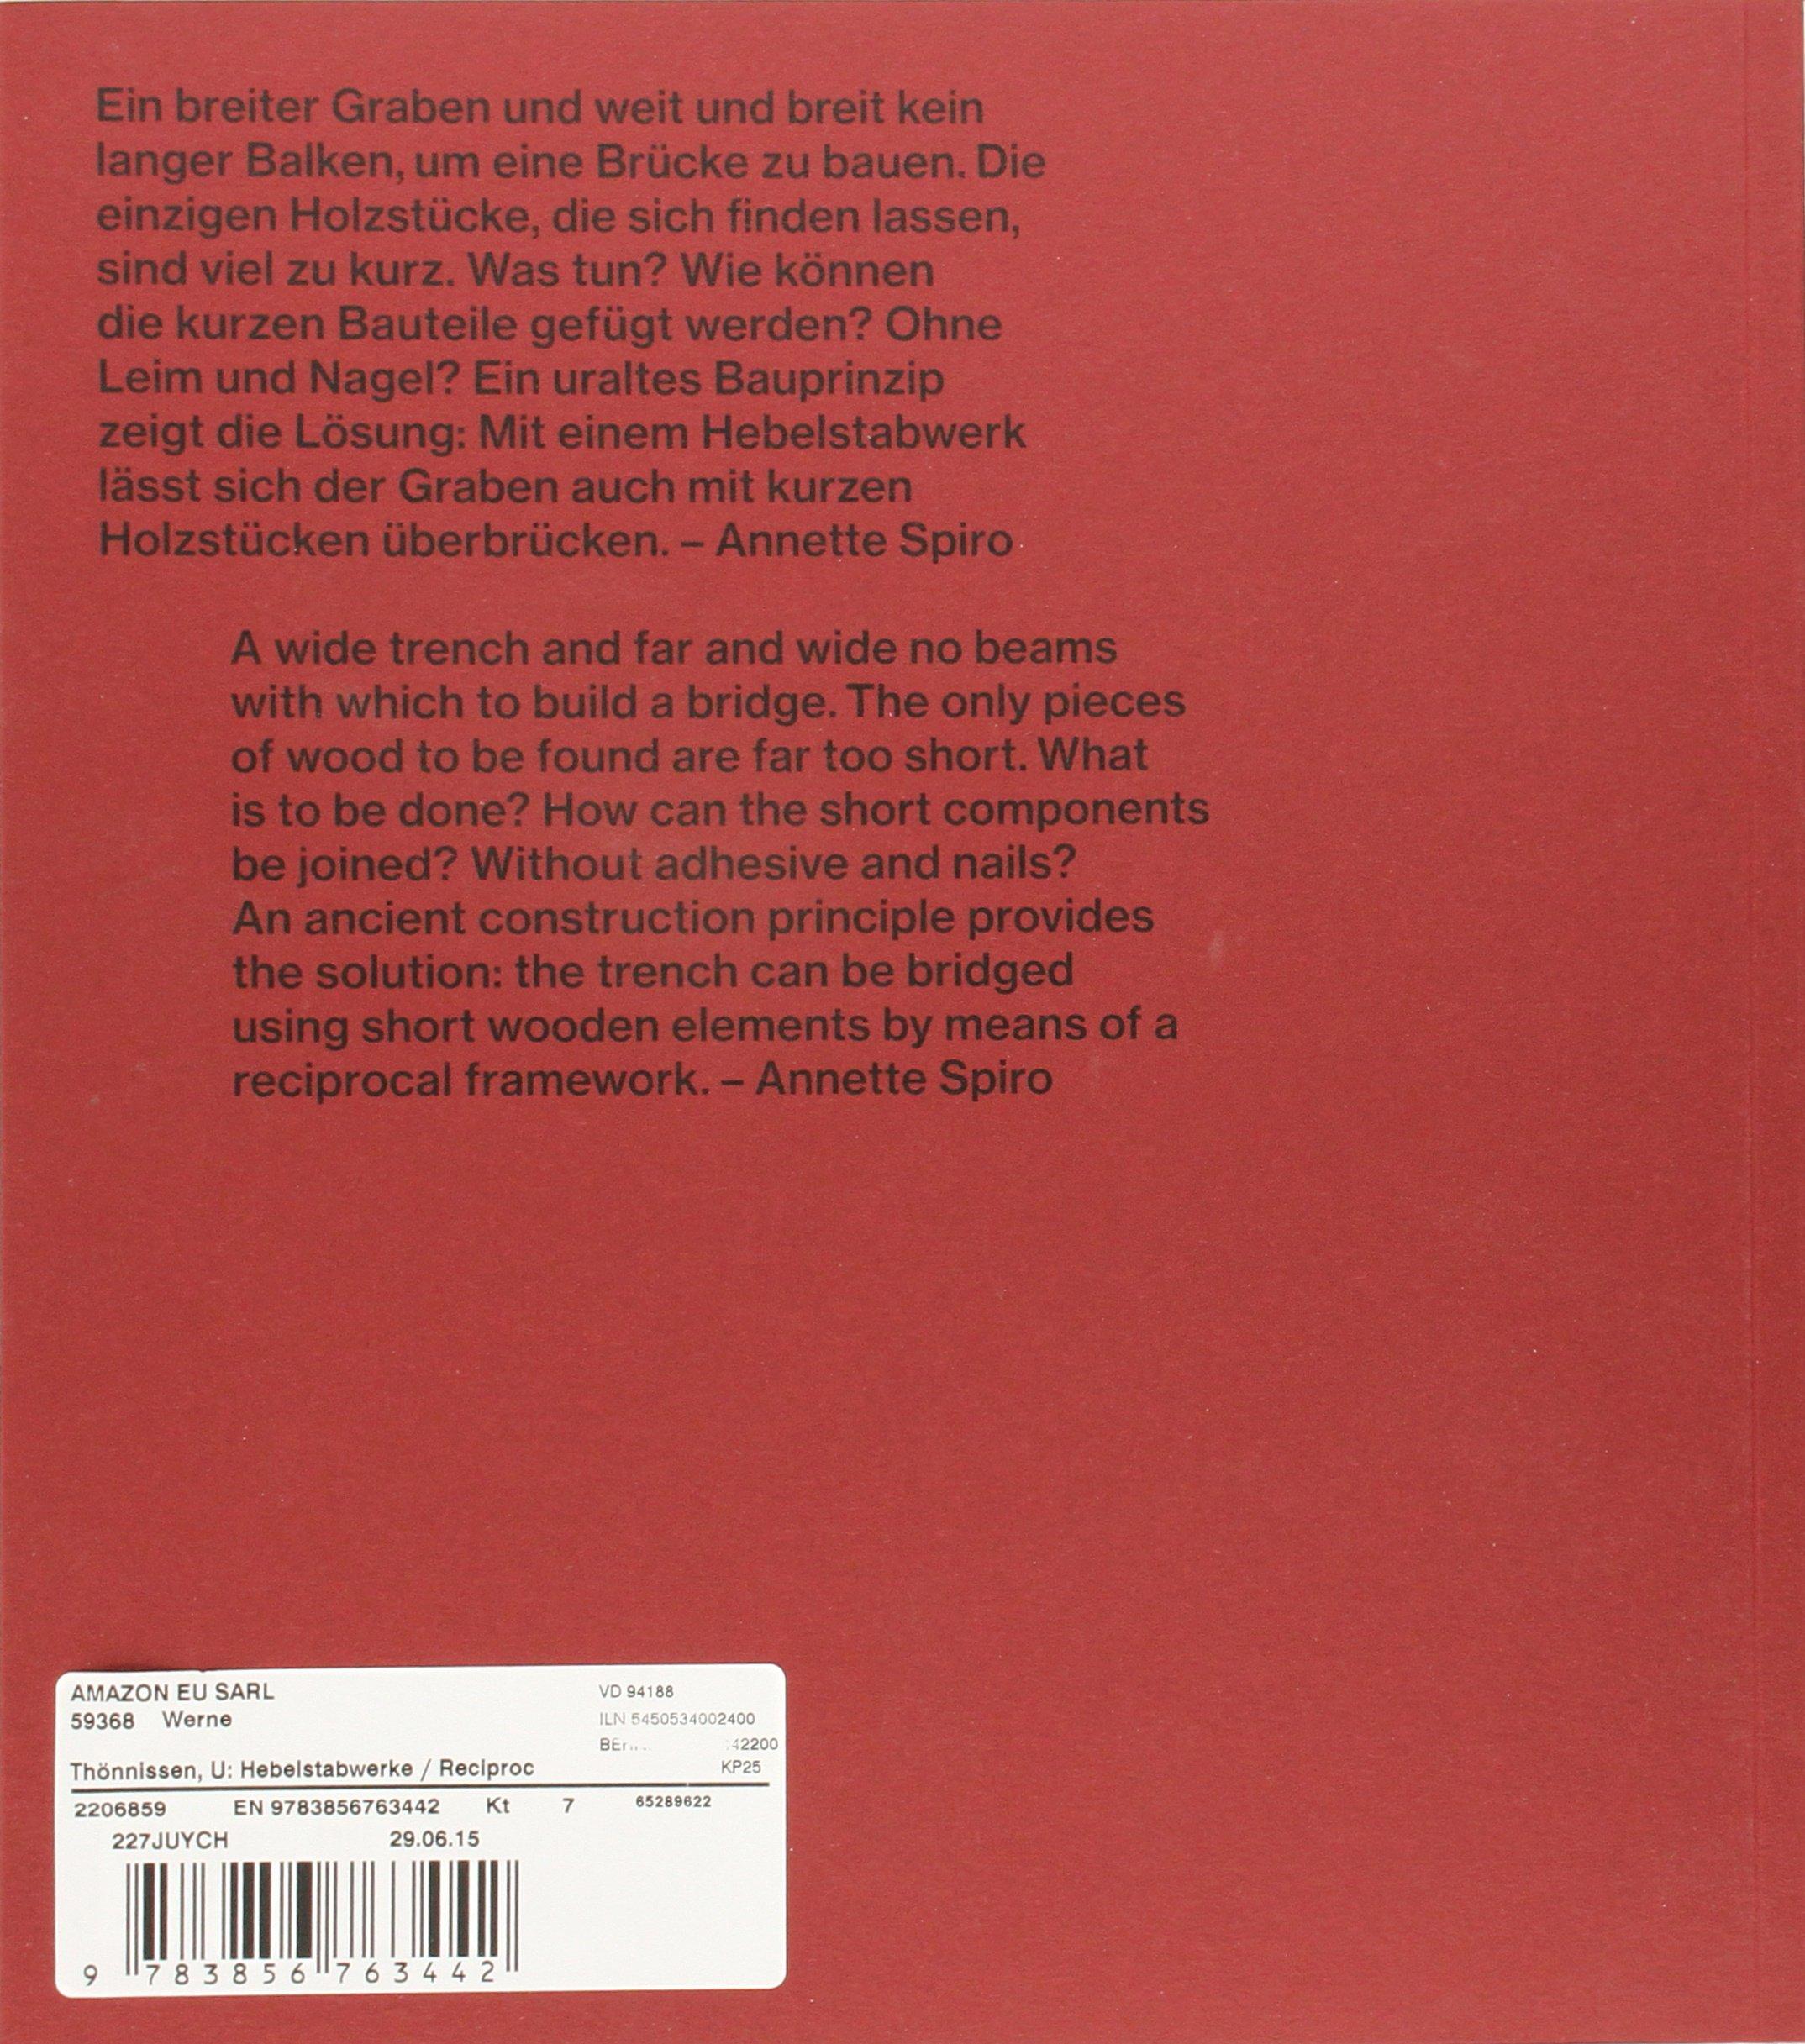 Hebelstabwerke / Reciprocal Frameworks: Tradition and Innovation ...